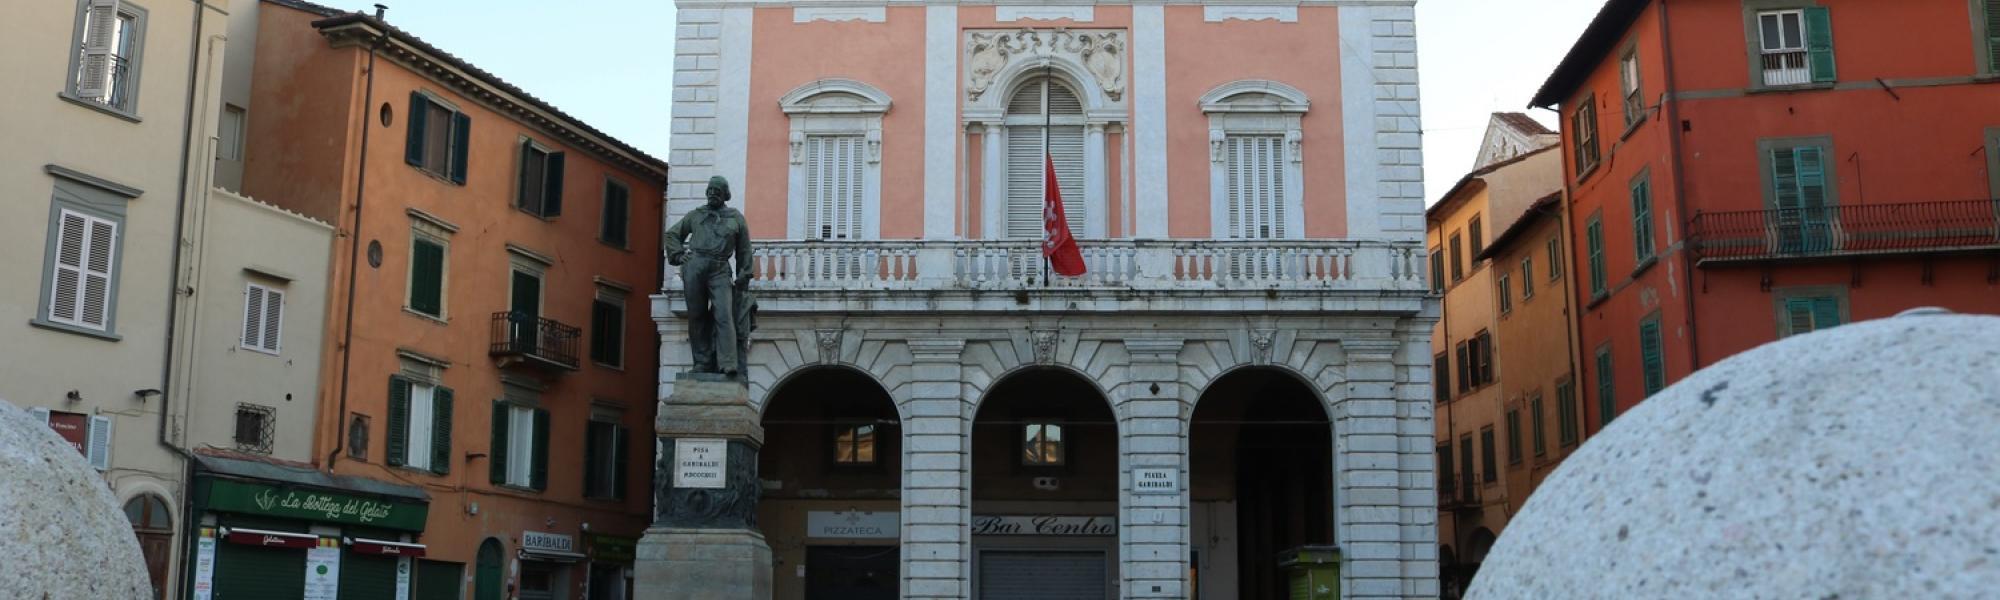 Piazza Garibaldi - Casino dei nobili (A. Matteucci)